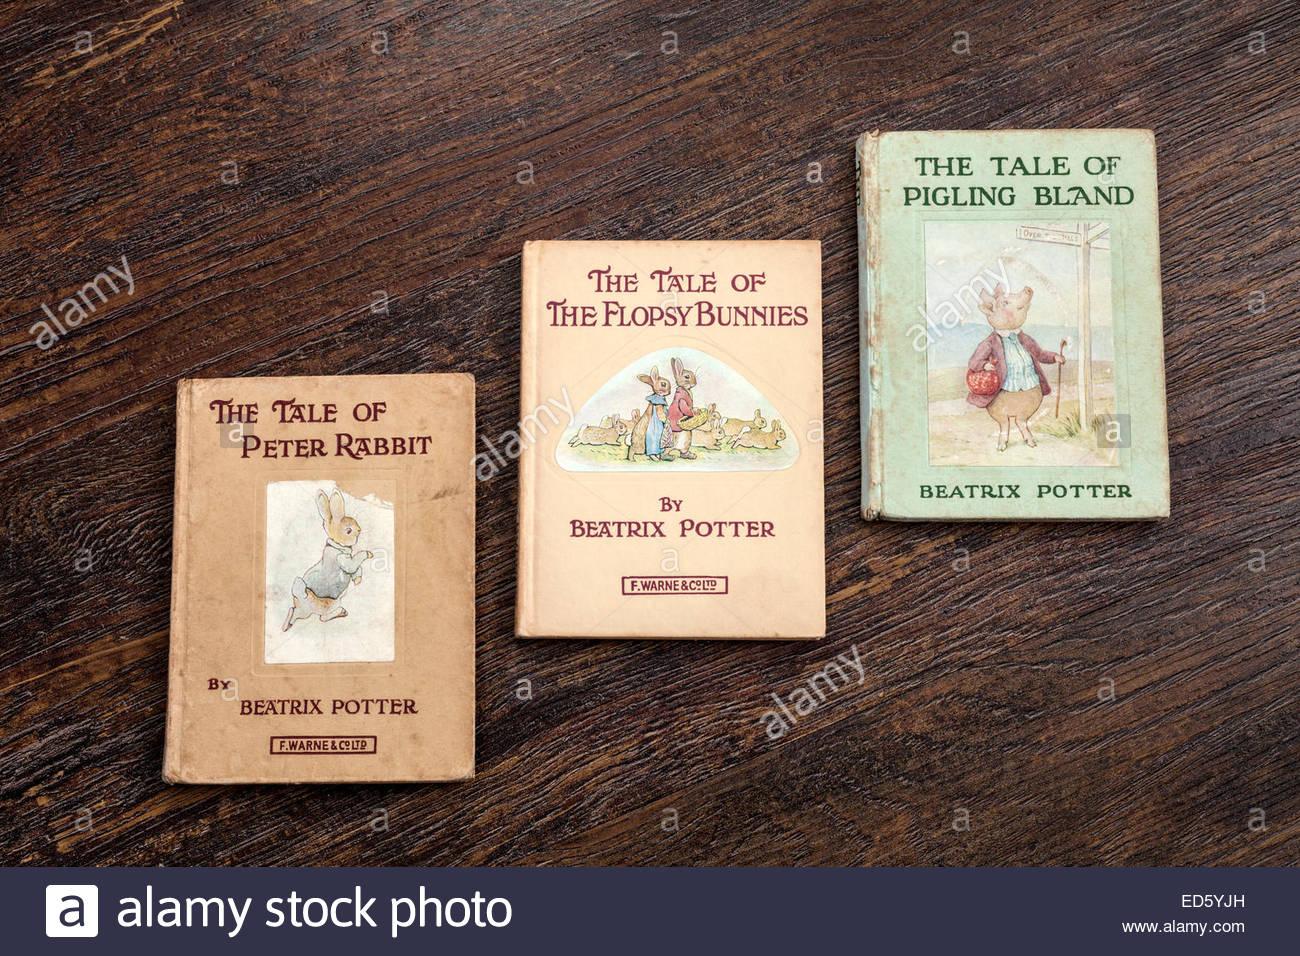 Beatrix Potter Books - Stock Image